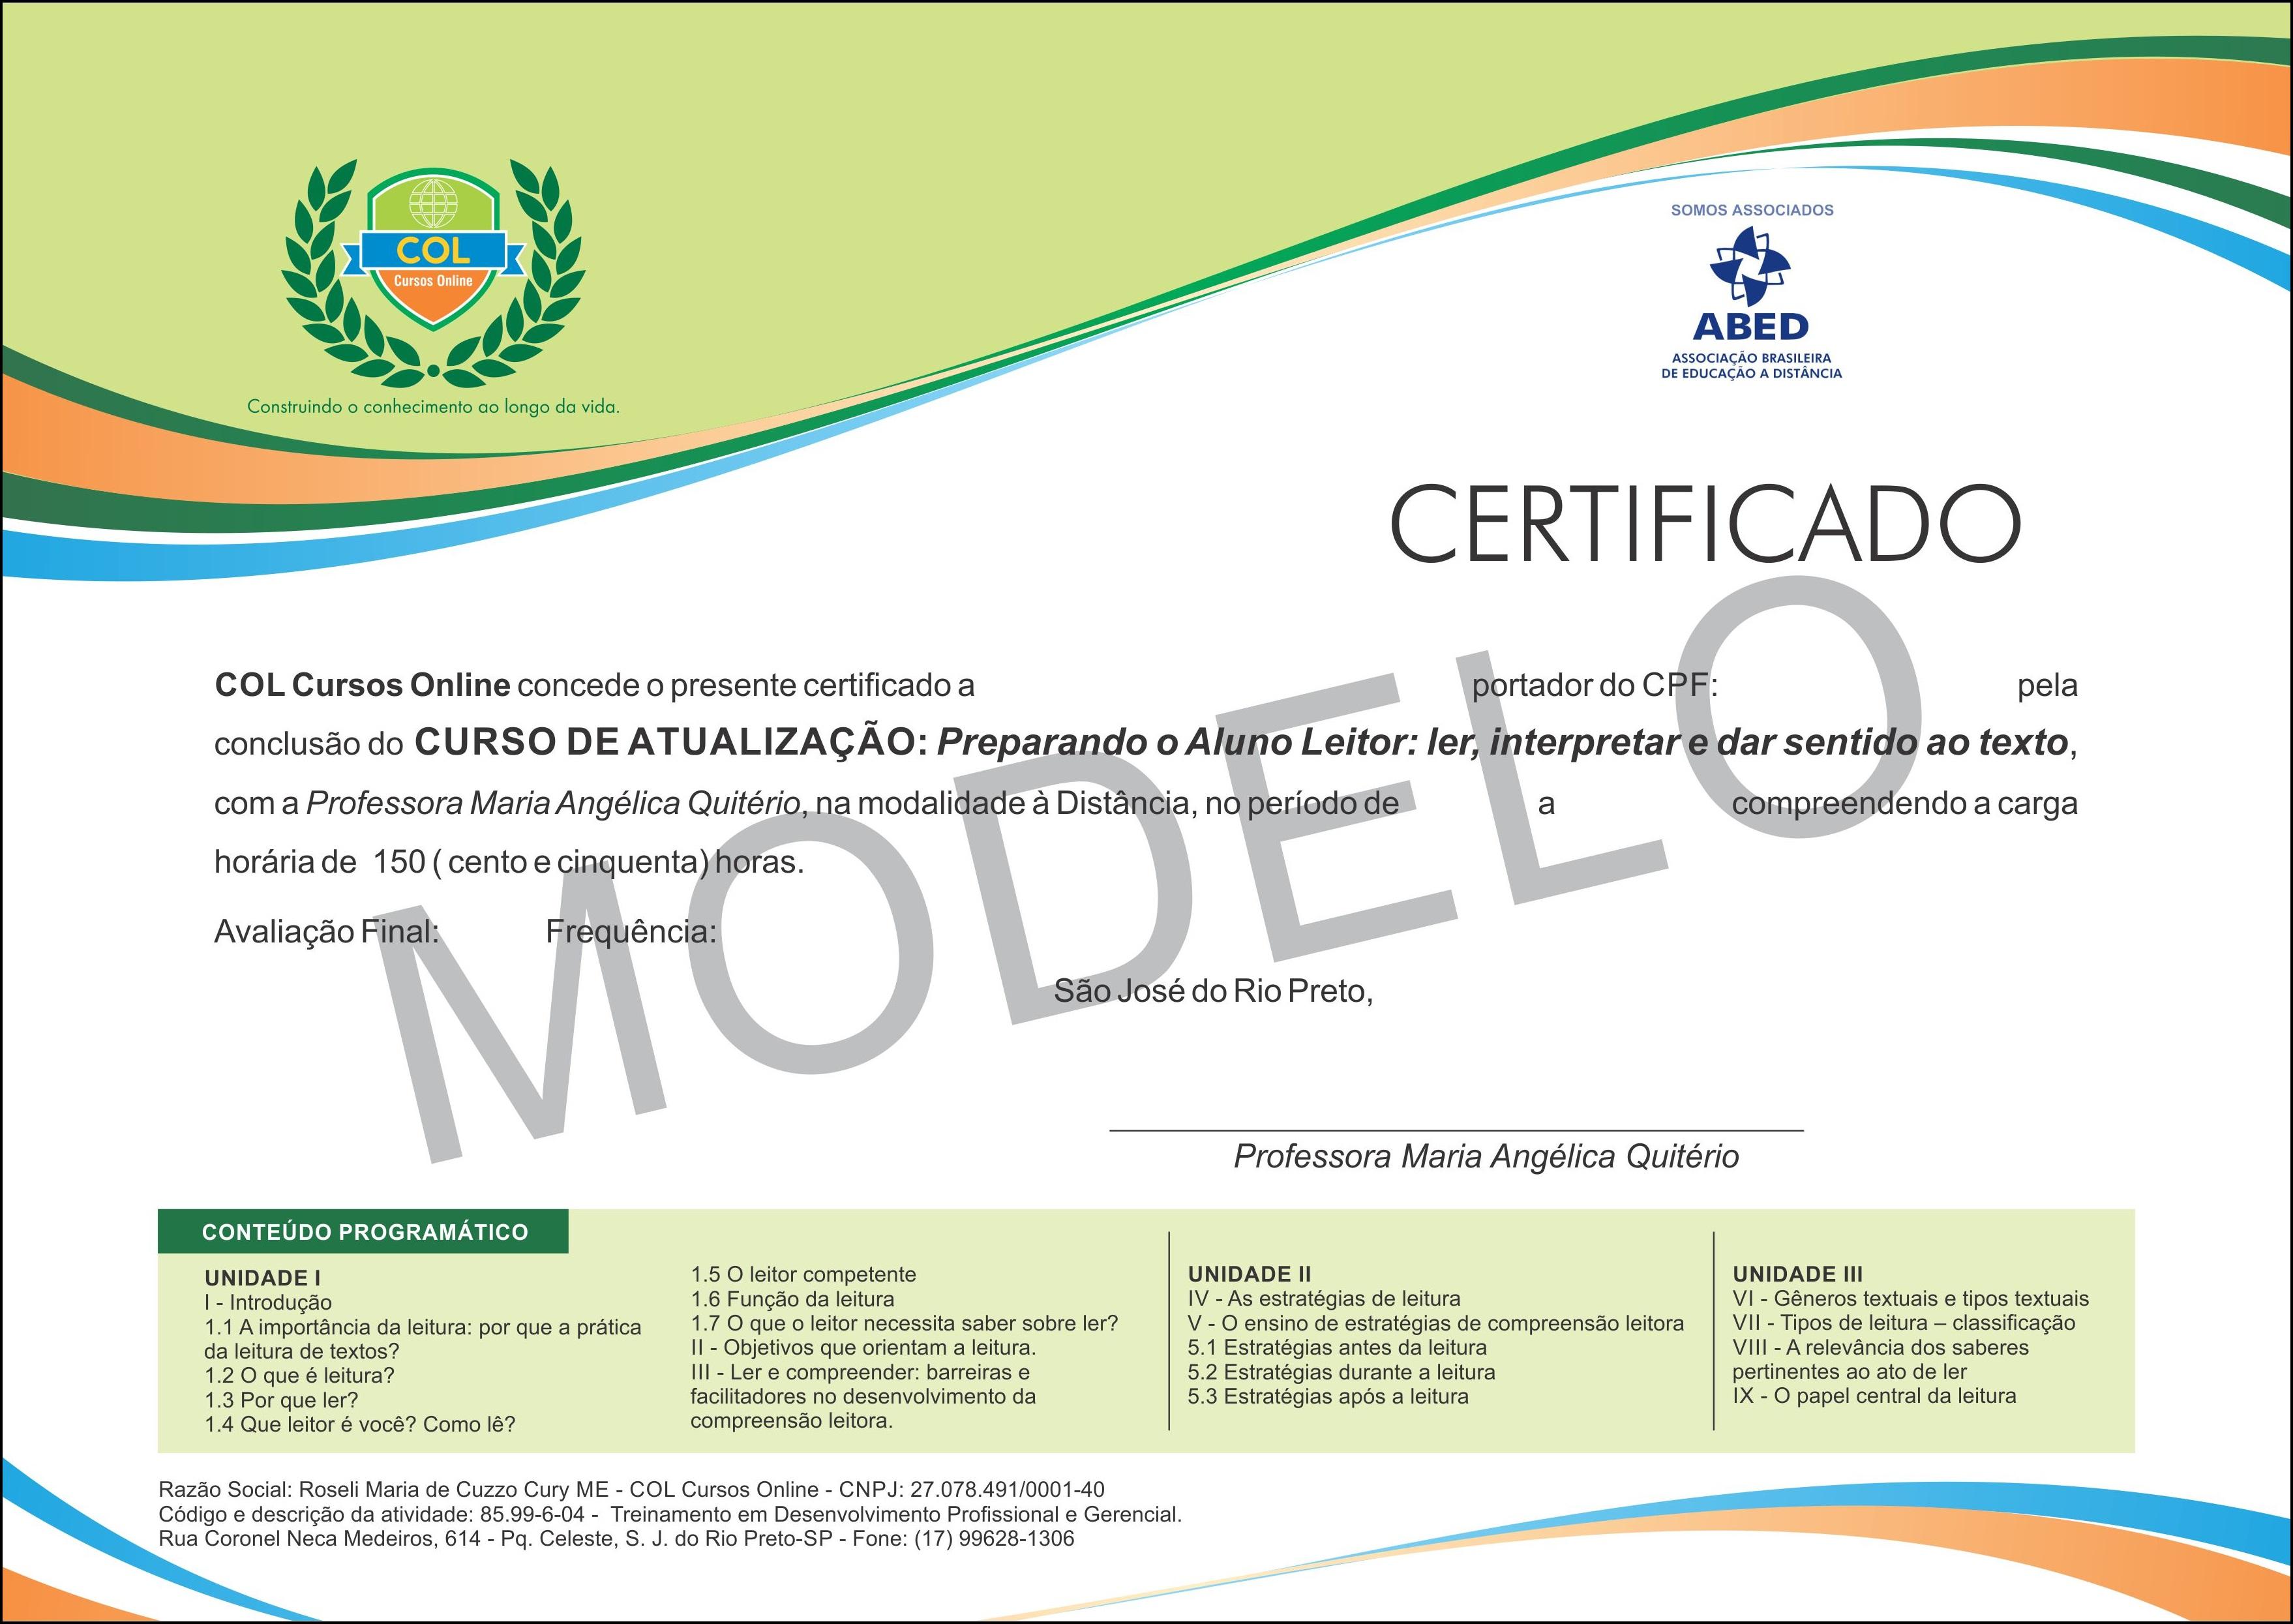 imagem.Certificado%20modelo.%20COL.jpg